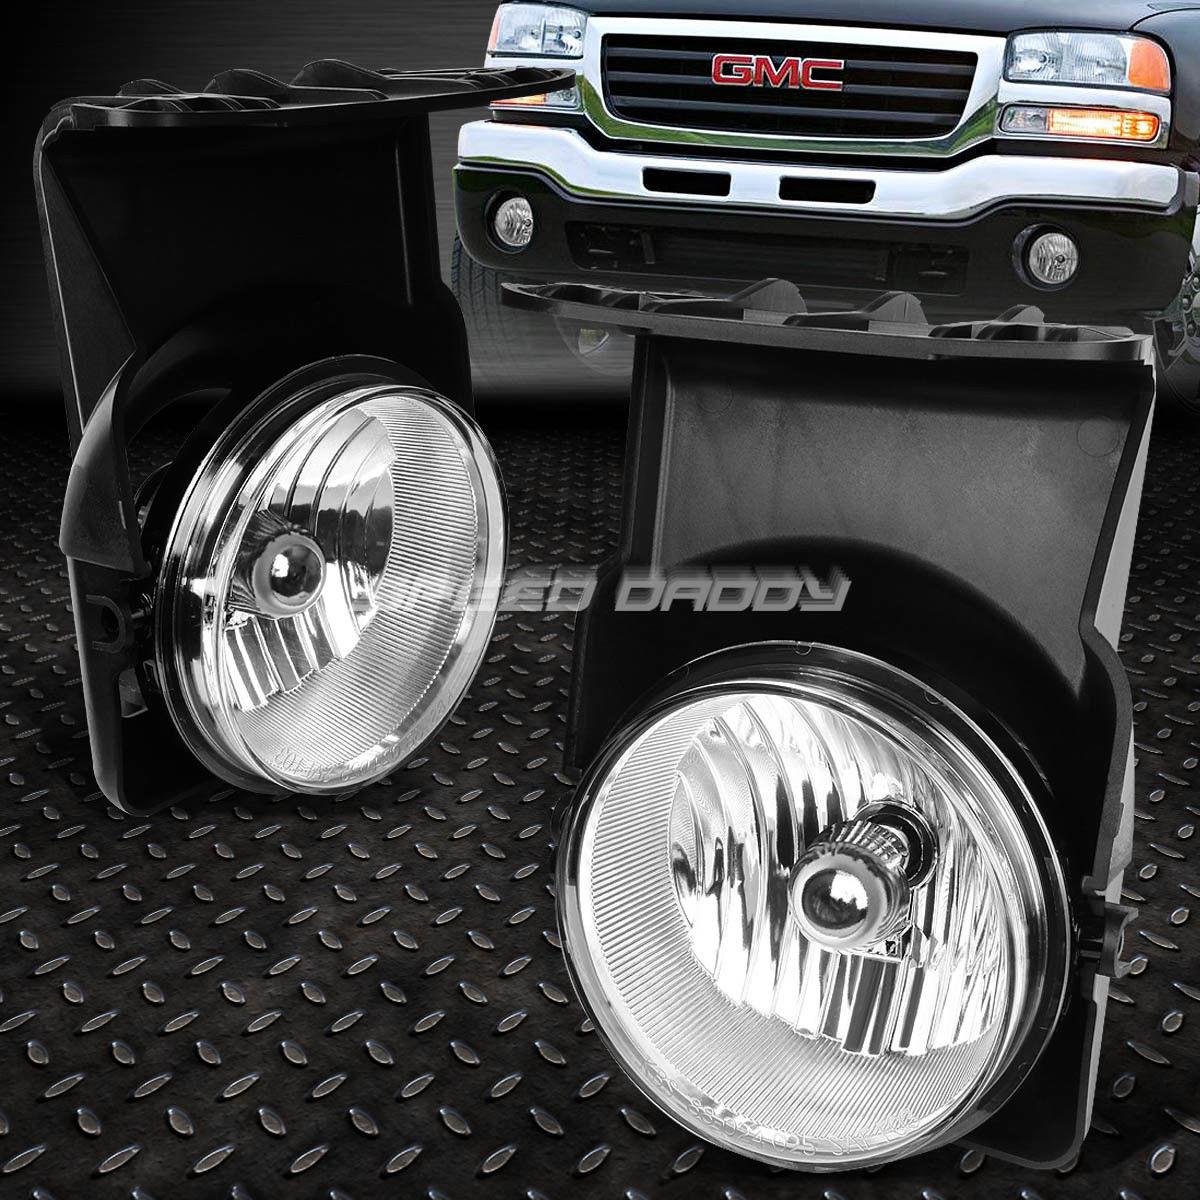 USフォグライト FOR 03-06 GMC SIERRA 1500/2500/3500 CHROME LENS OE BUMPER DRIVING FOG LIGHT LAMP FOR 03-06 GMC SIERRA 1500/2500/3500 CHROMEレンズOEバッファー駆動フォグライトランプ